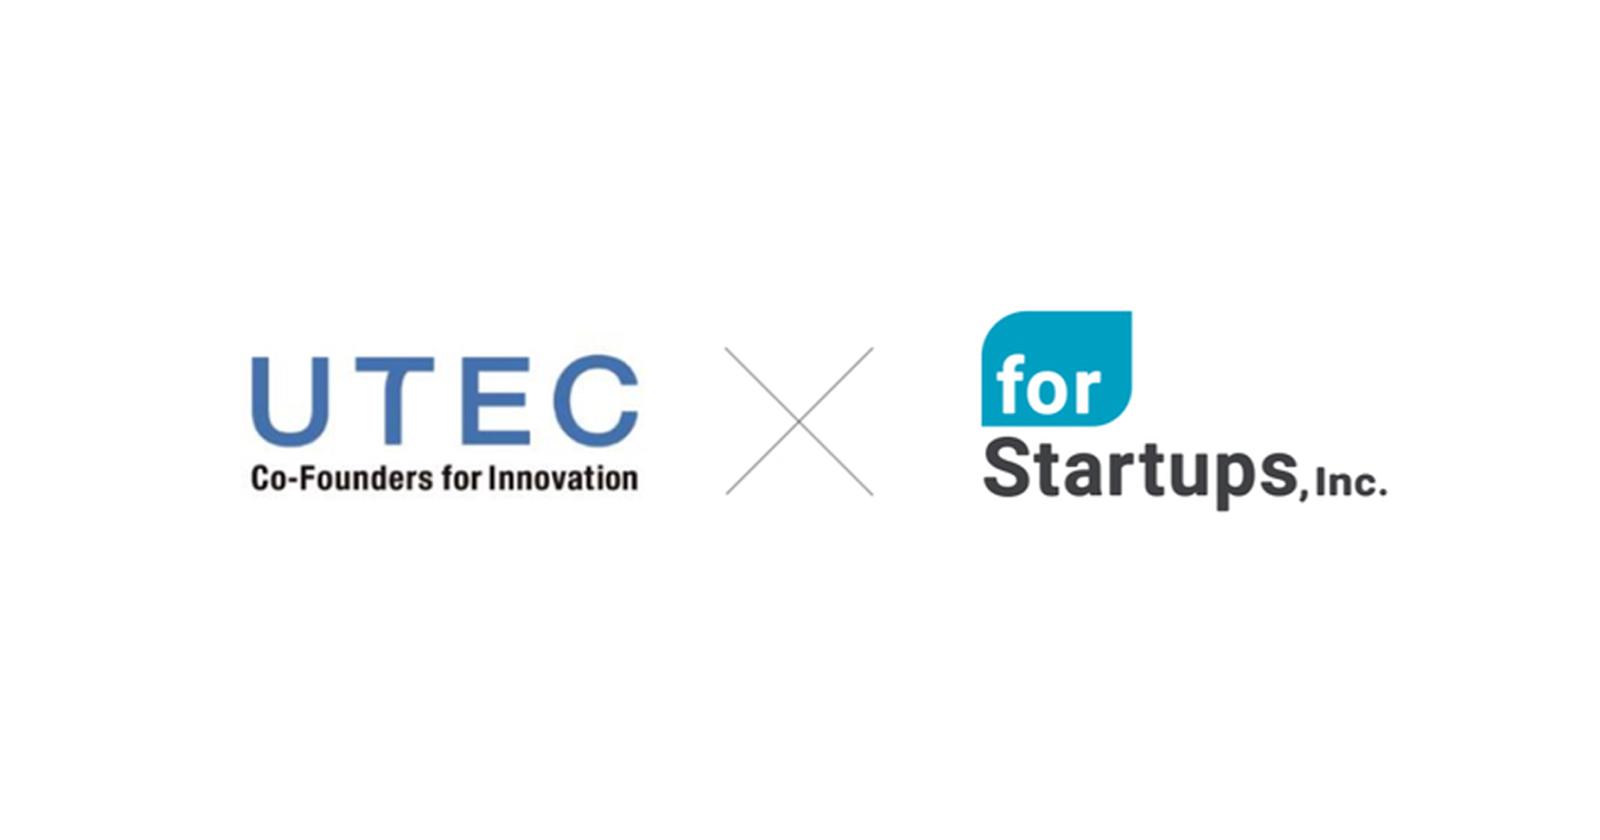 東京大学エッジキャピタル(UTEC)との共催イベント『最新AIビジネス動向について』を開催。for Startups宮本が登壇いたします。